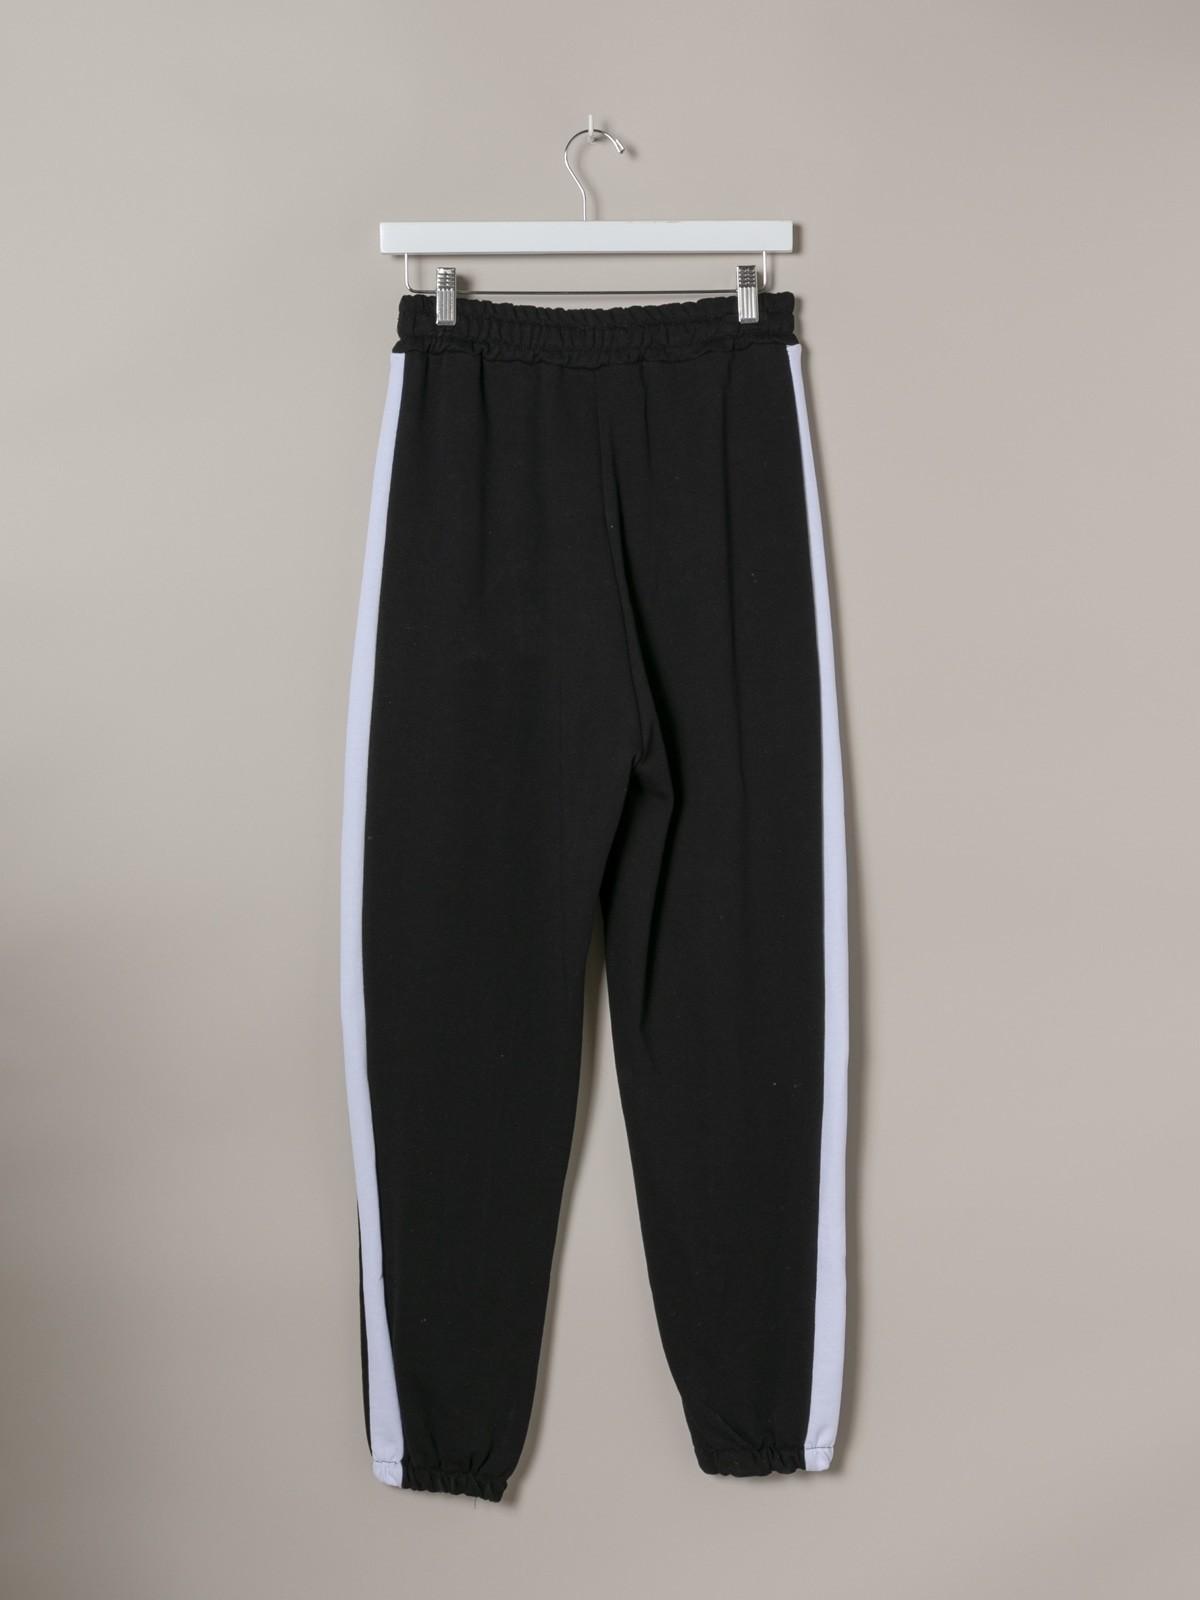 Woman Woman Striped sport pants Black